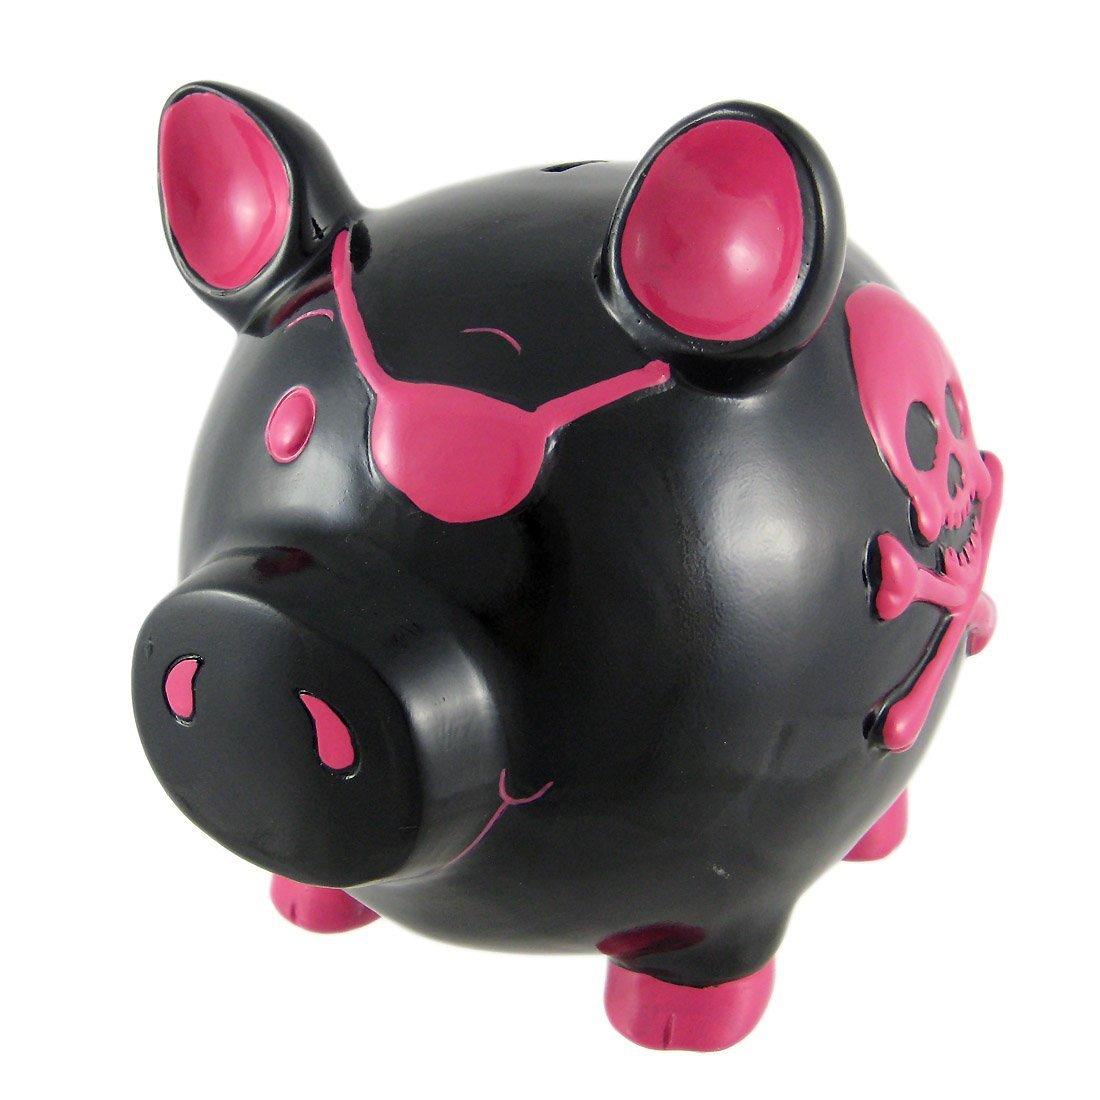 Large Black / Hot Pink Skull & Crossbones Pig Piggy Bank Pirate